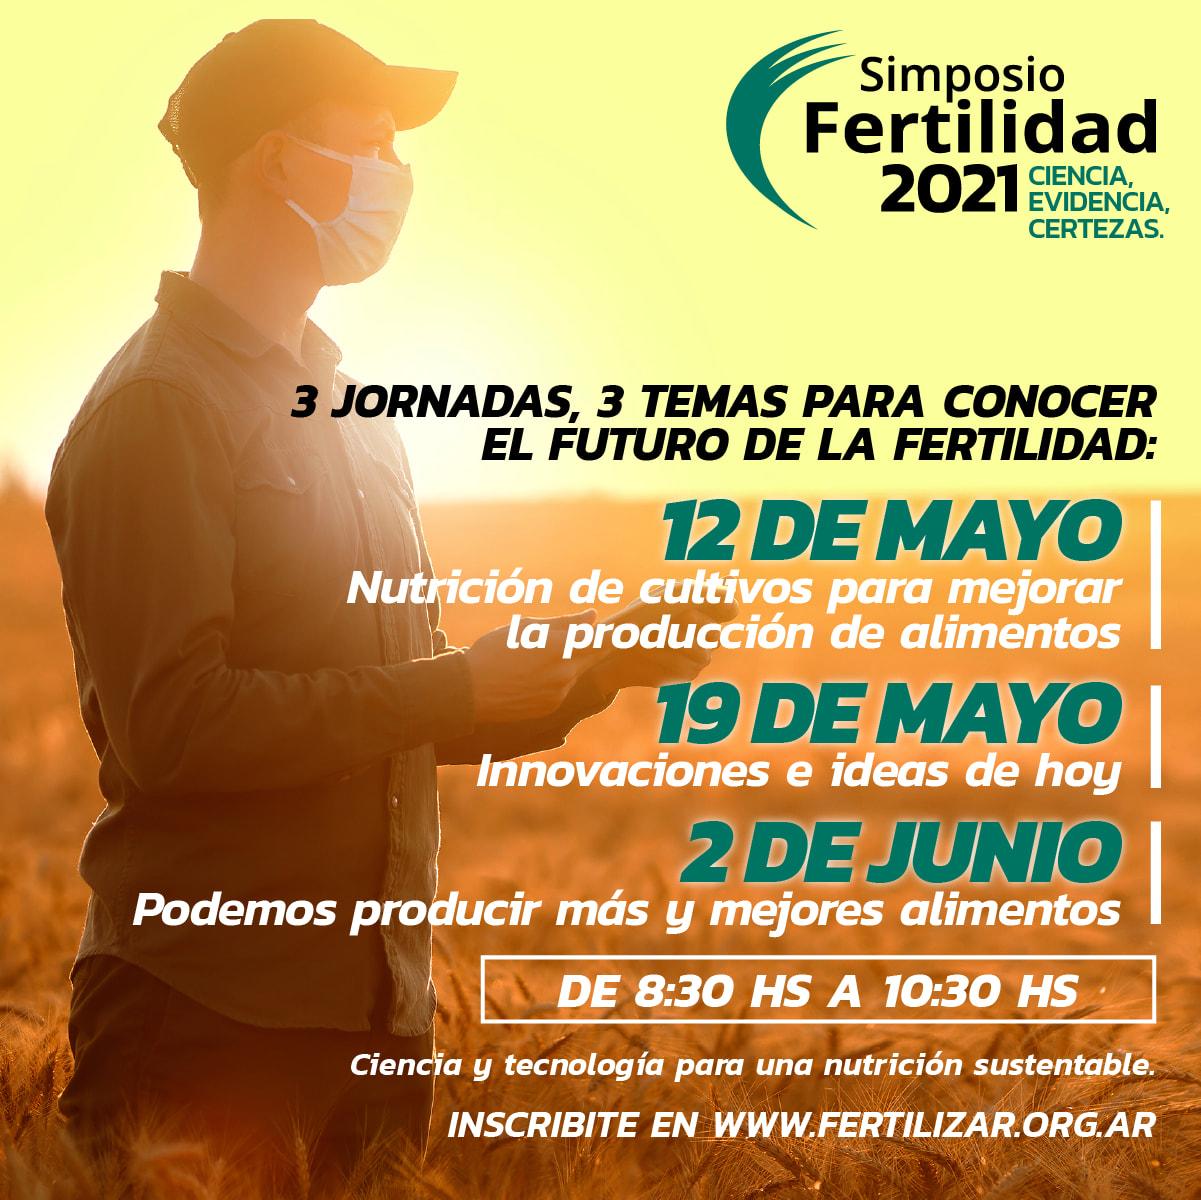 Se viene un nuevo Simposio de Fertilidad 2021 de Fertilizar Asociación Civil